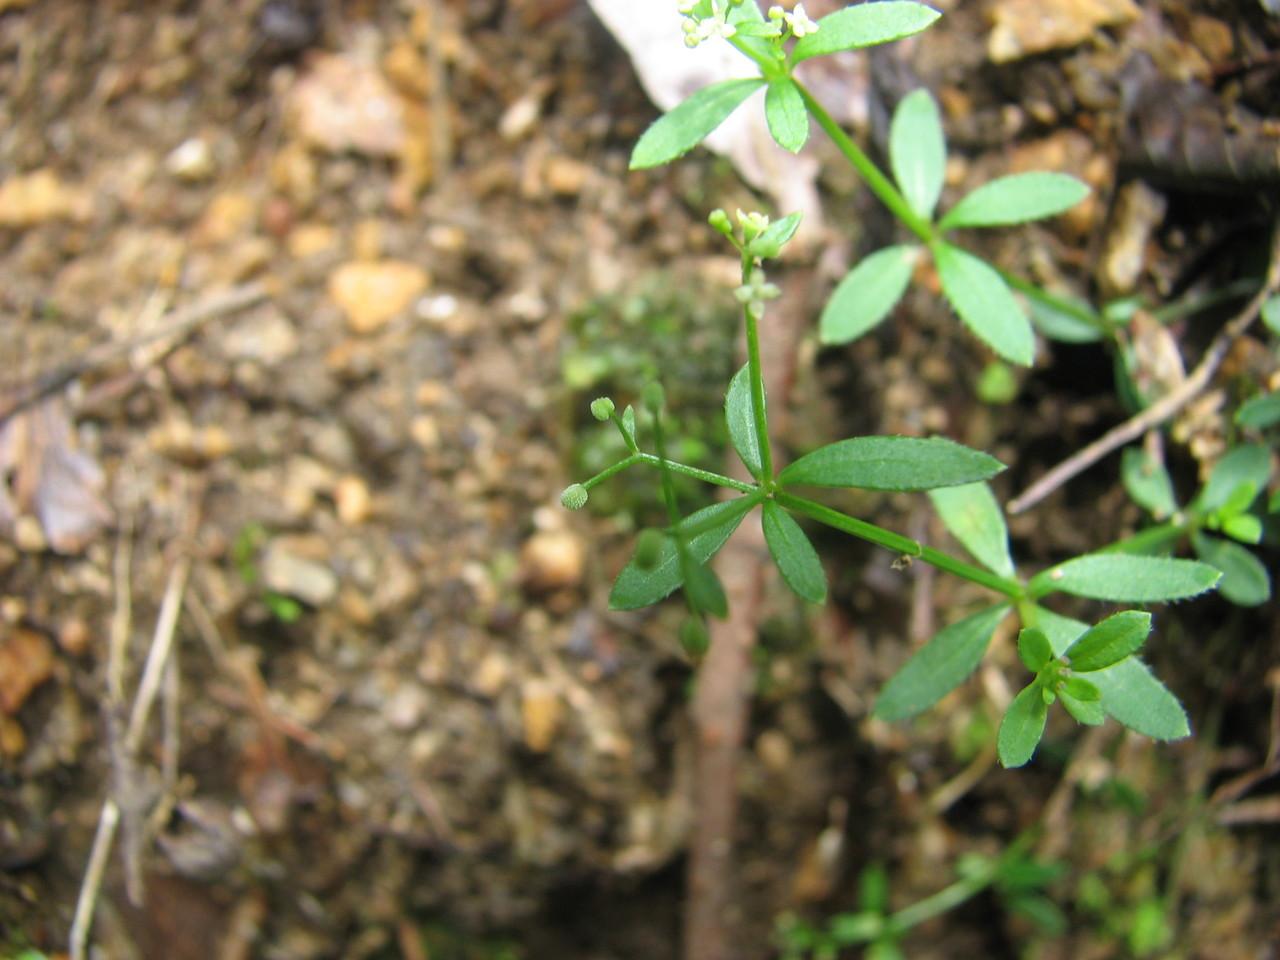 ホソバノヨツバムグラ(アカネ科) Galium trifidum var. brevipedunculatum